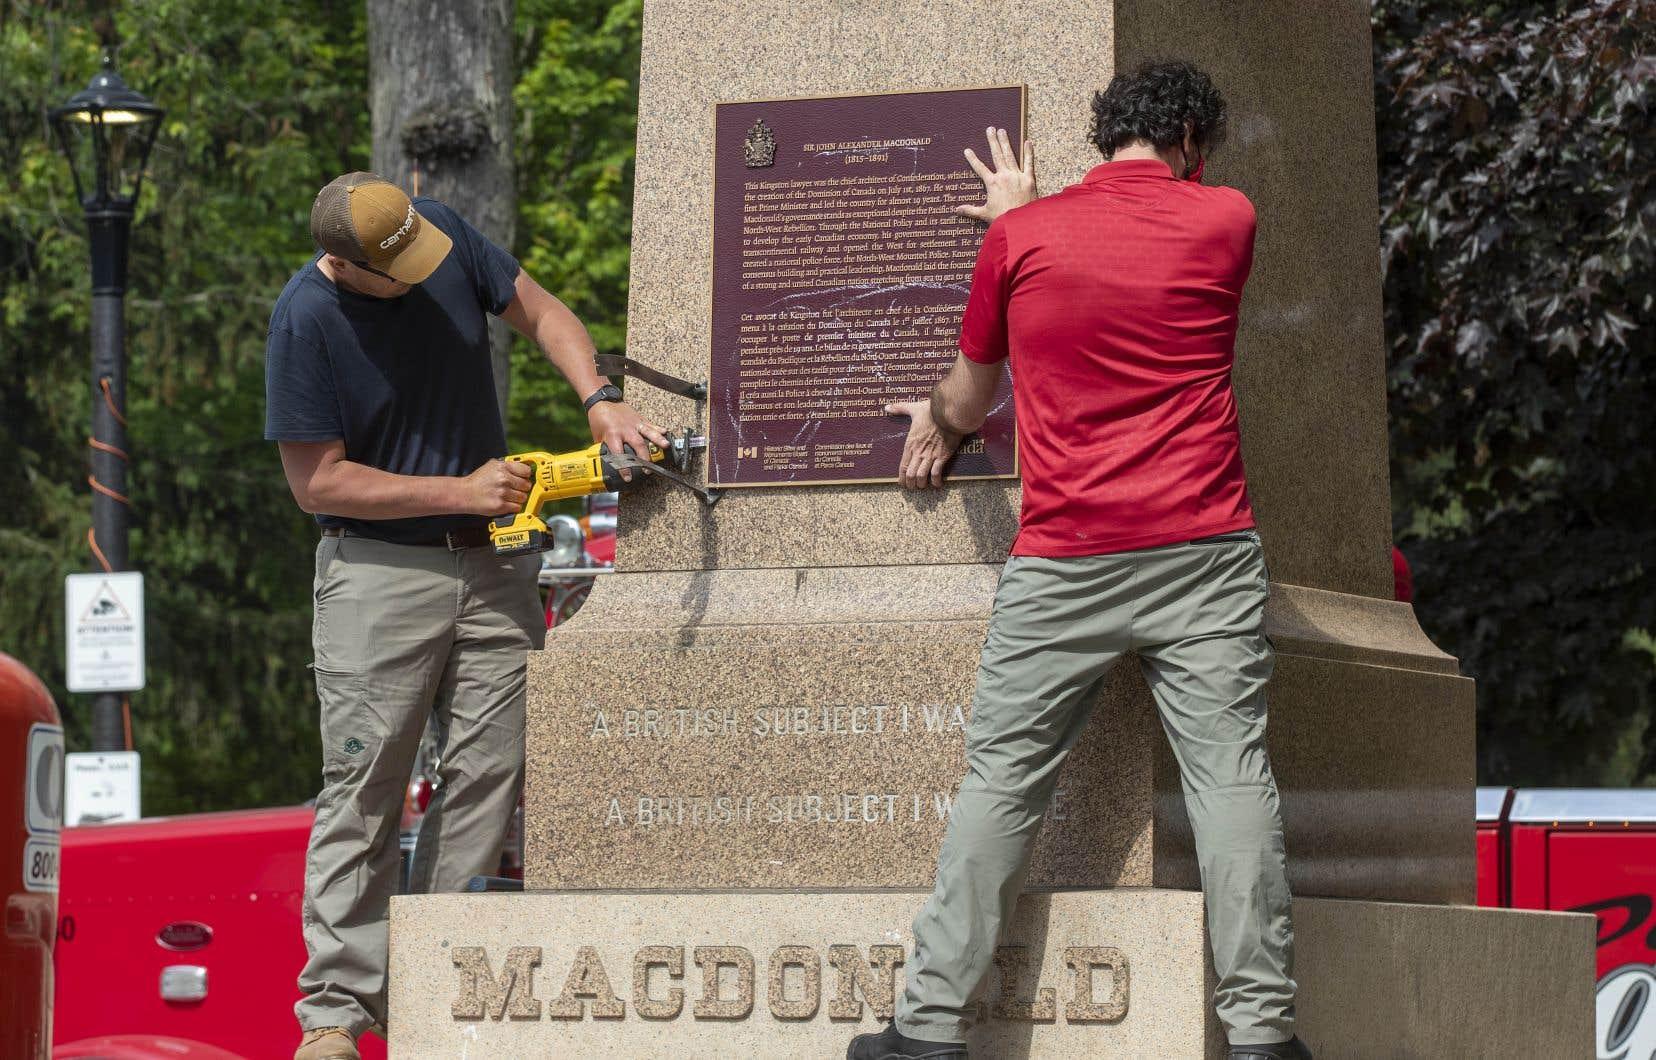 Desresponsables fédéraux réfléchissent à ce que l'on devrait lire sur les plaques commémoratives et les pierres tombales des anciens premiers ministres pour refléter la façon dont le pays voit son passé.